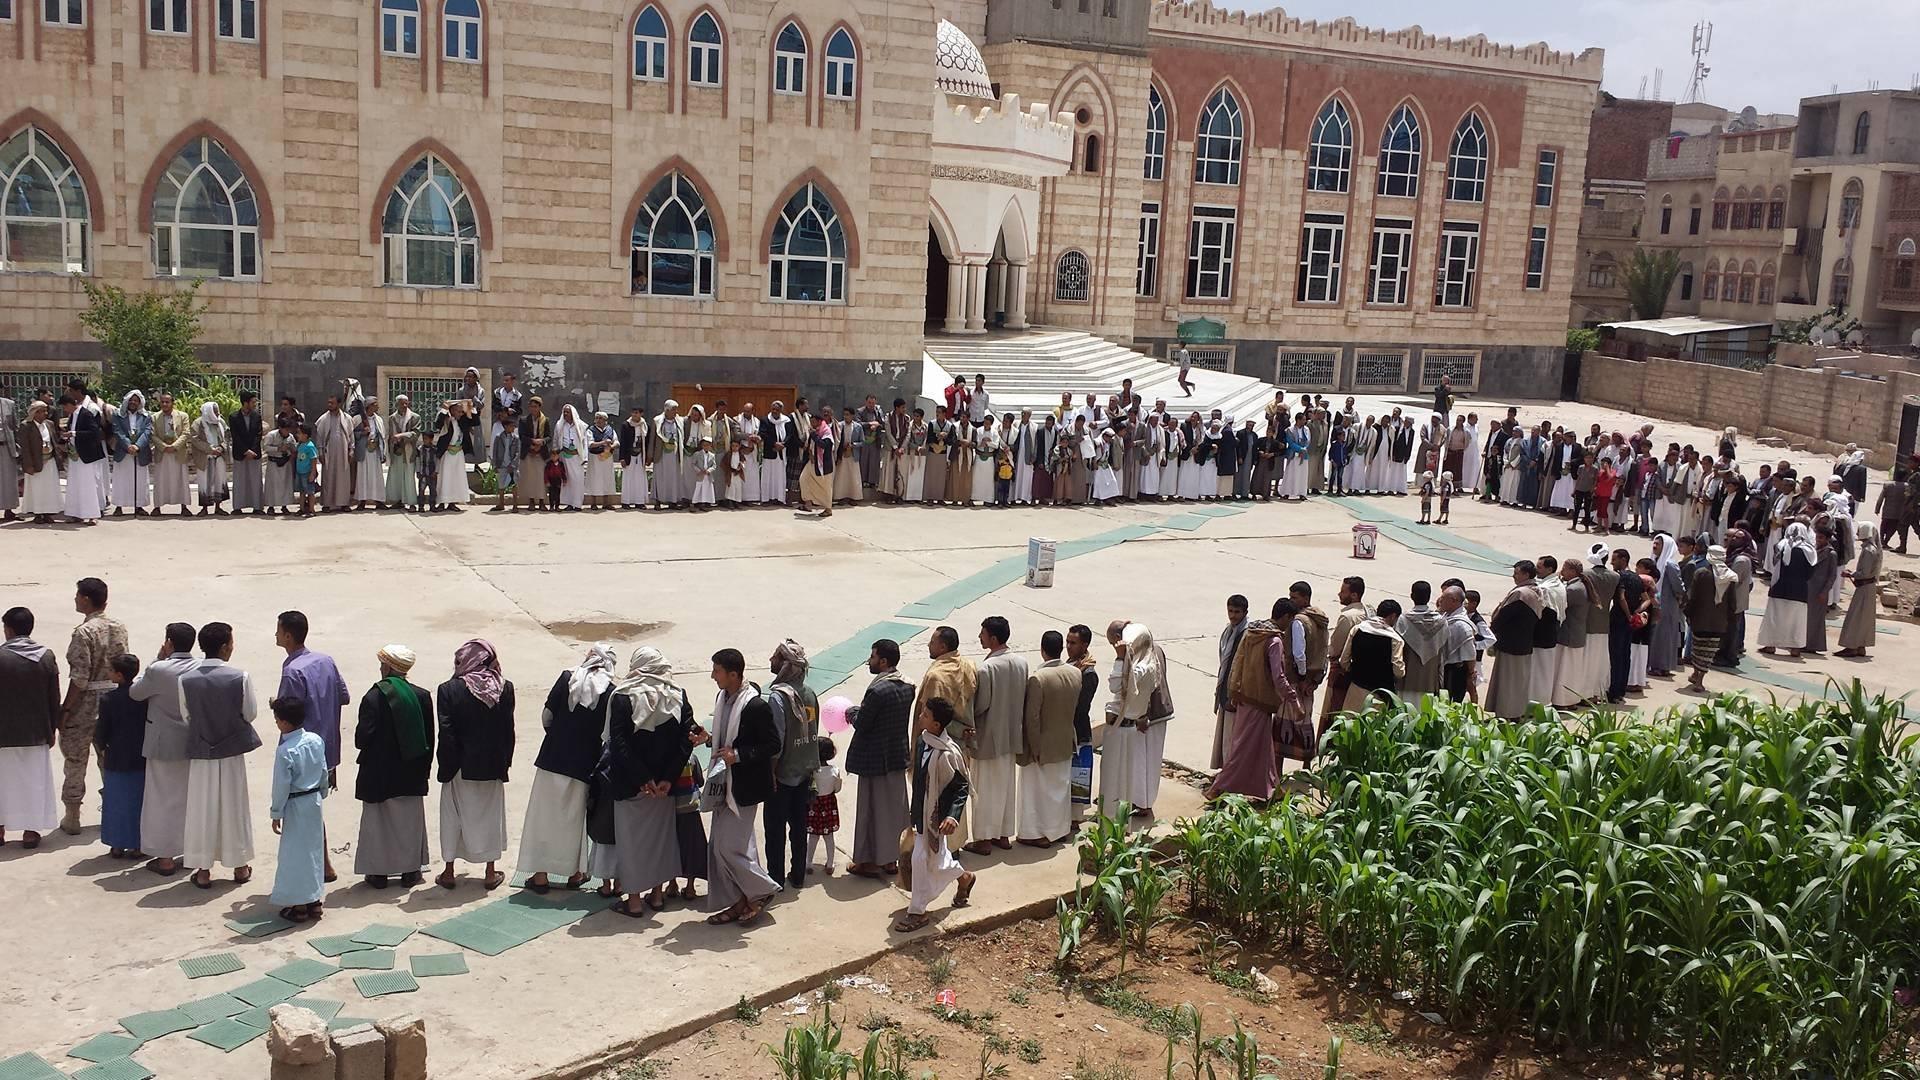 إنتهاك لحرمة بيوت الله.. قيادي حوثي يسطو على أرضية مسجد بصنعاء (صور)